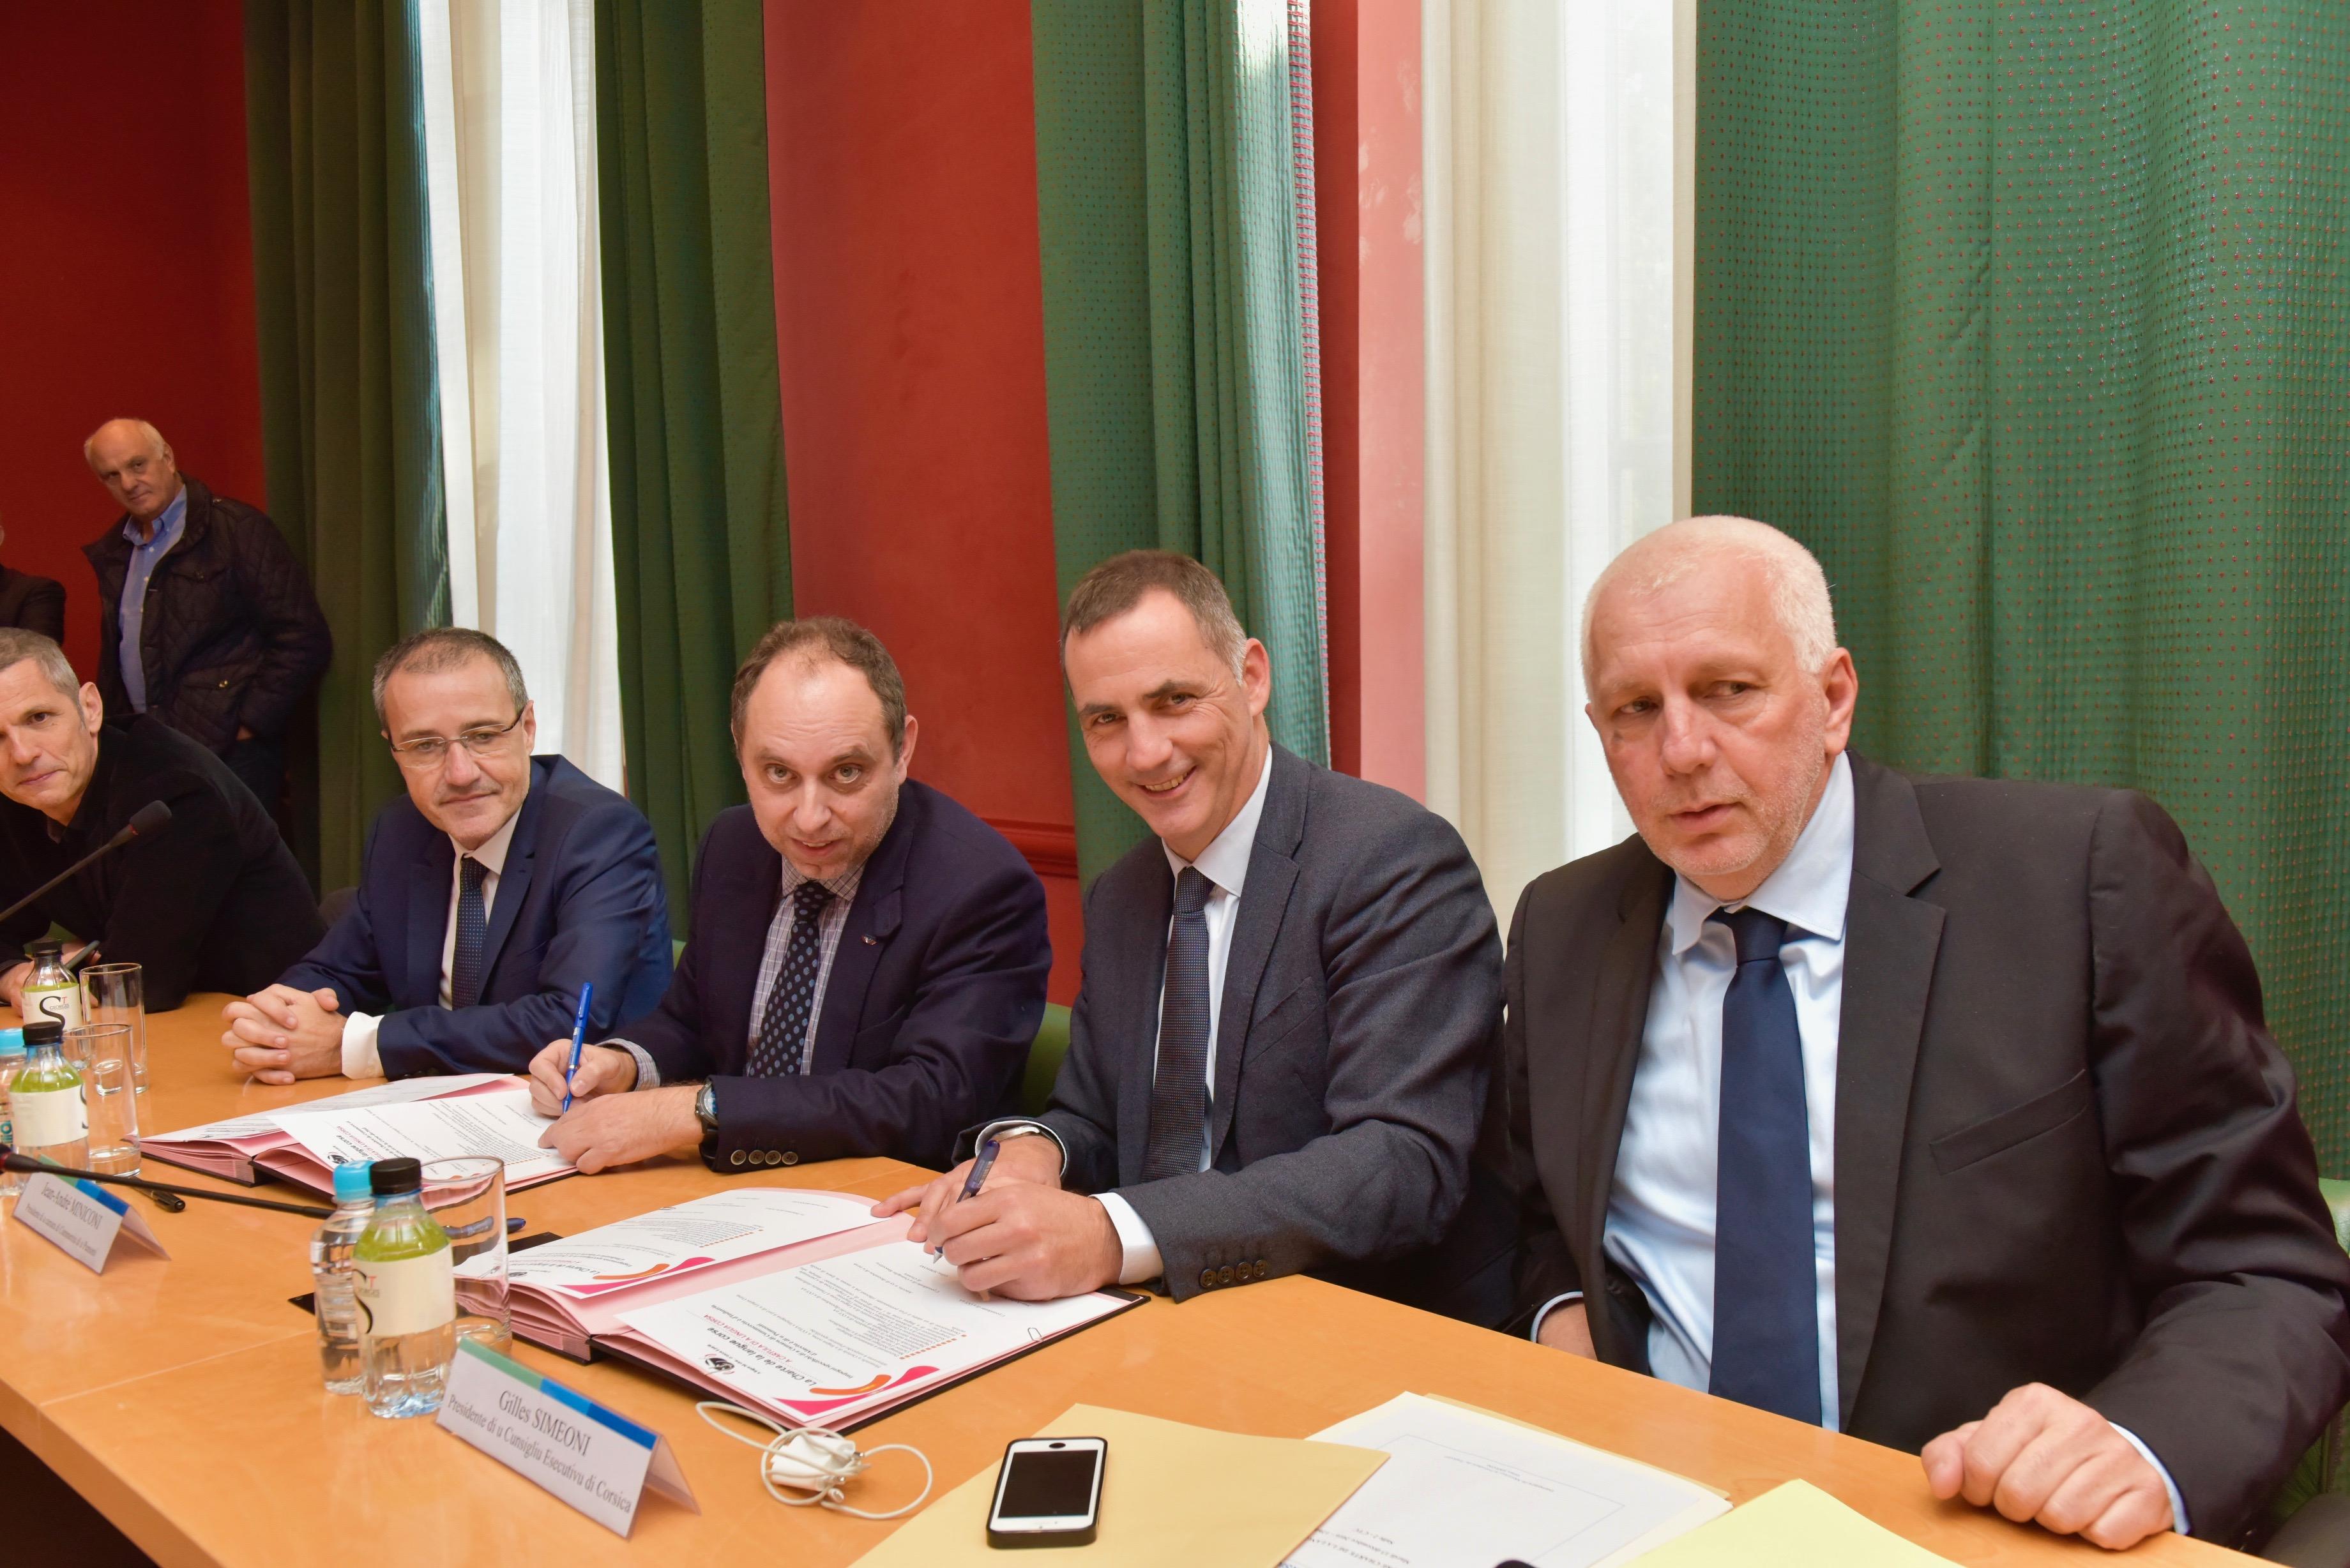 Jean-André Miniconi, président de la CCI de Corse-du-Sud et Gilles Simeoni, président du Conseil exécutif ont signé la charte en présence notamment de Jean-Guy Talamoni, président de l'assemblée de Corse et Saveriu Luciani, conseiller exécutif en charge de la langue corse.